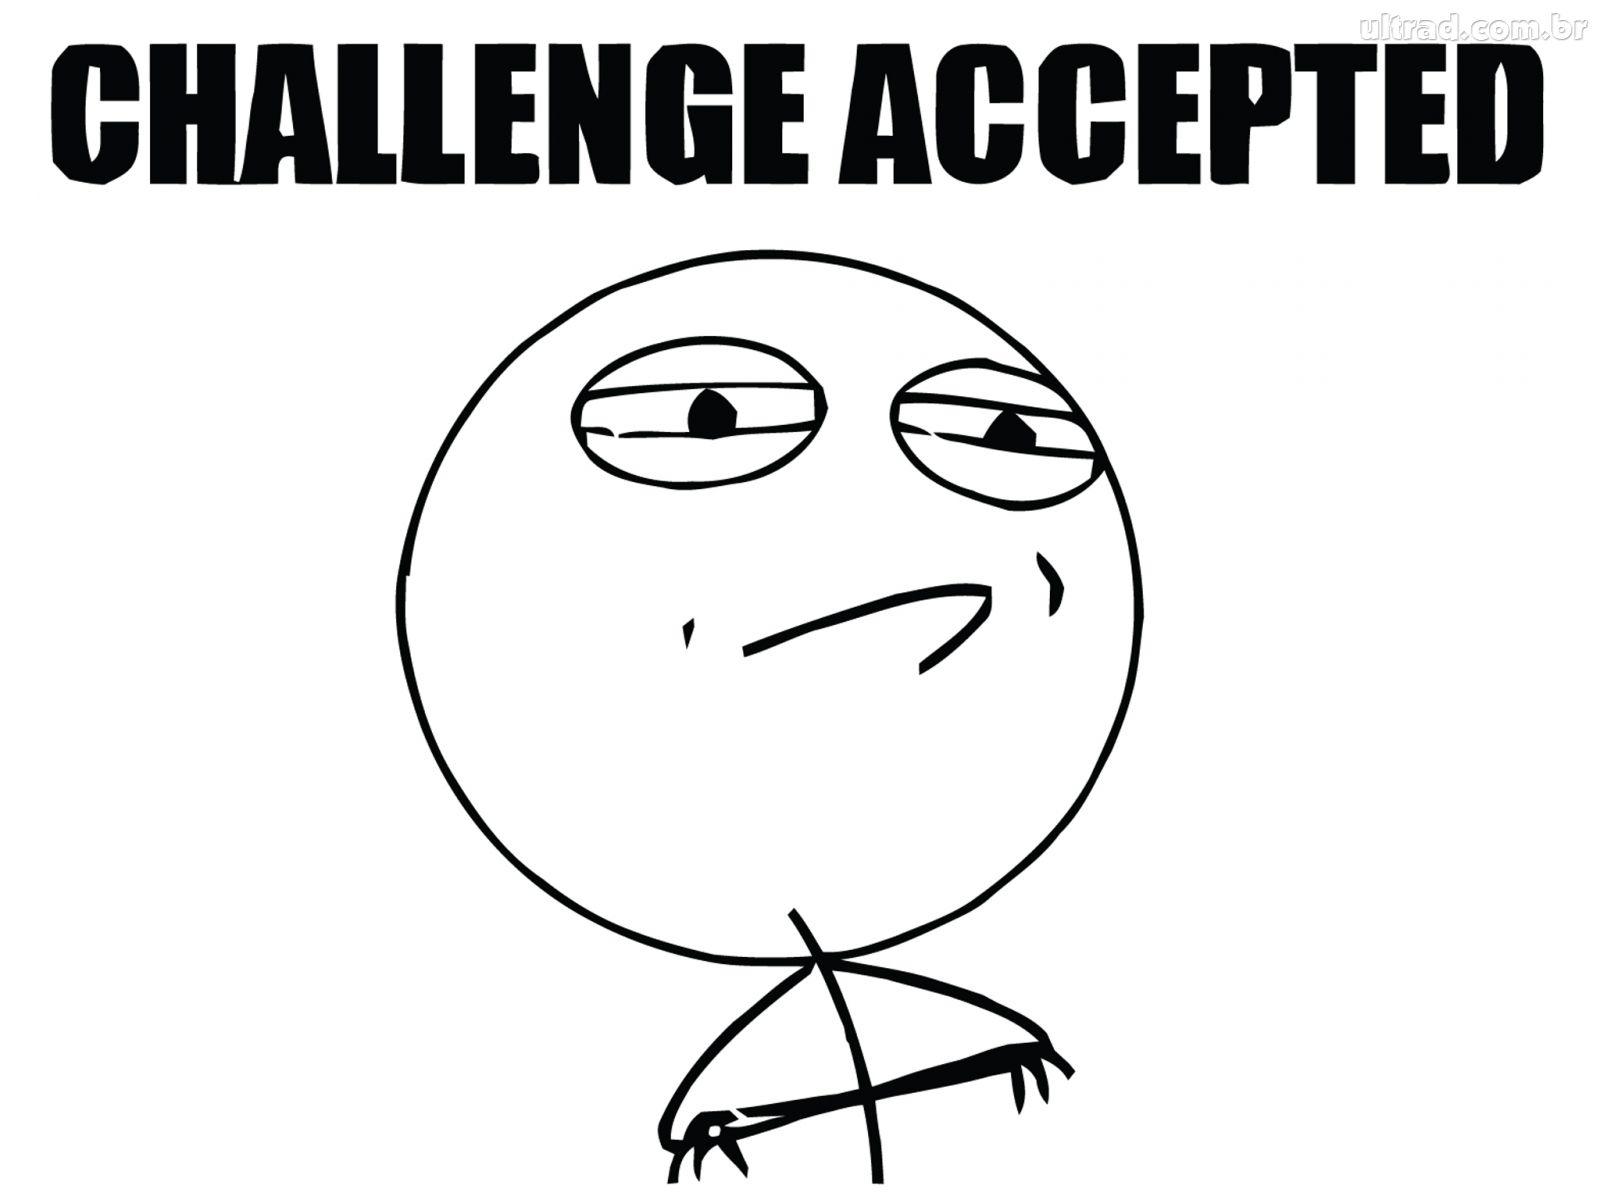 meme challenge acepted meme challenge accept personagens memes meme 1600x1200